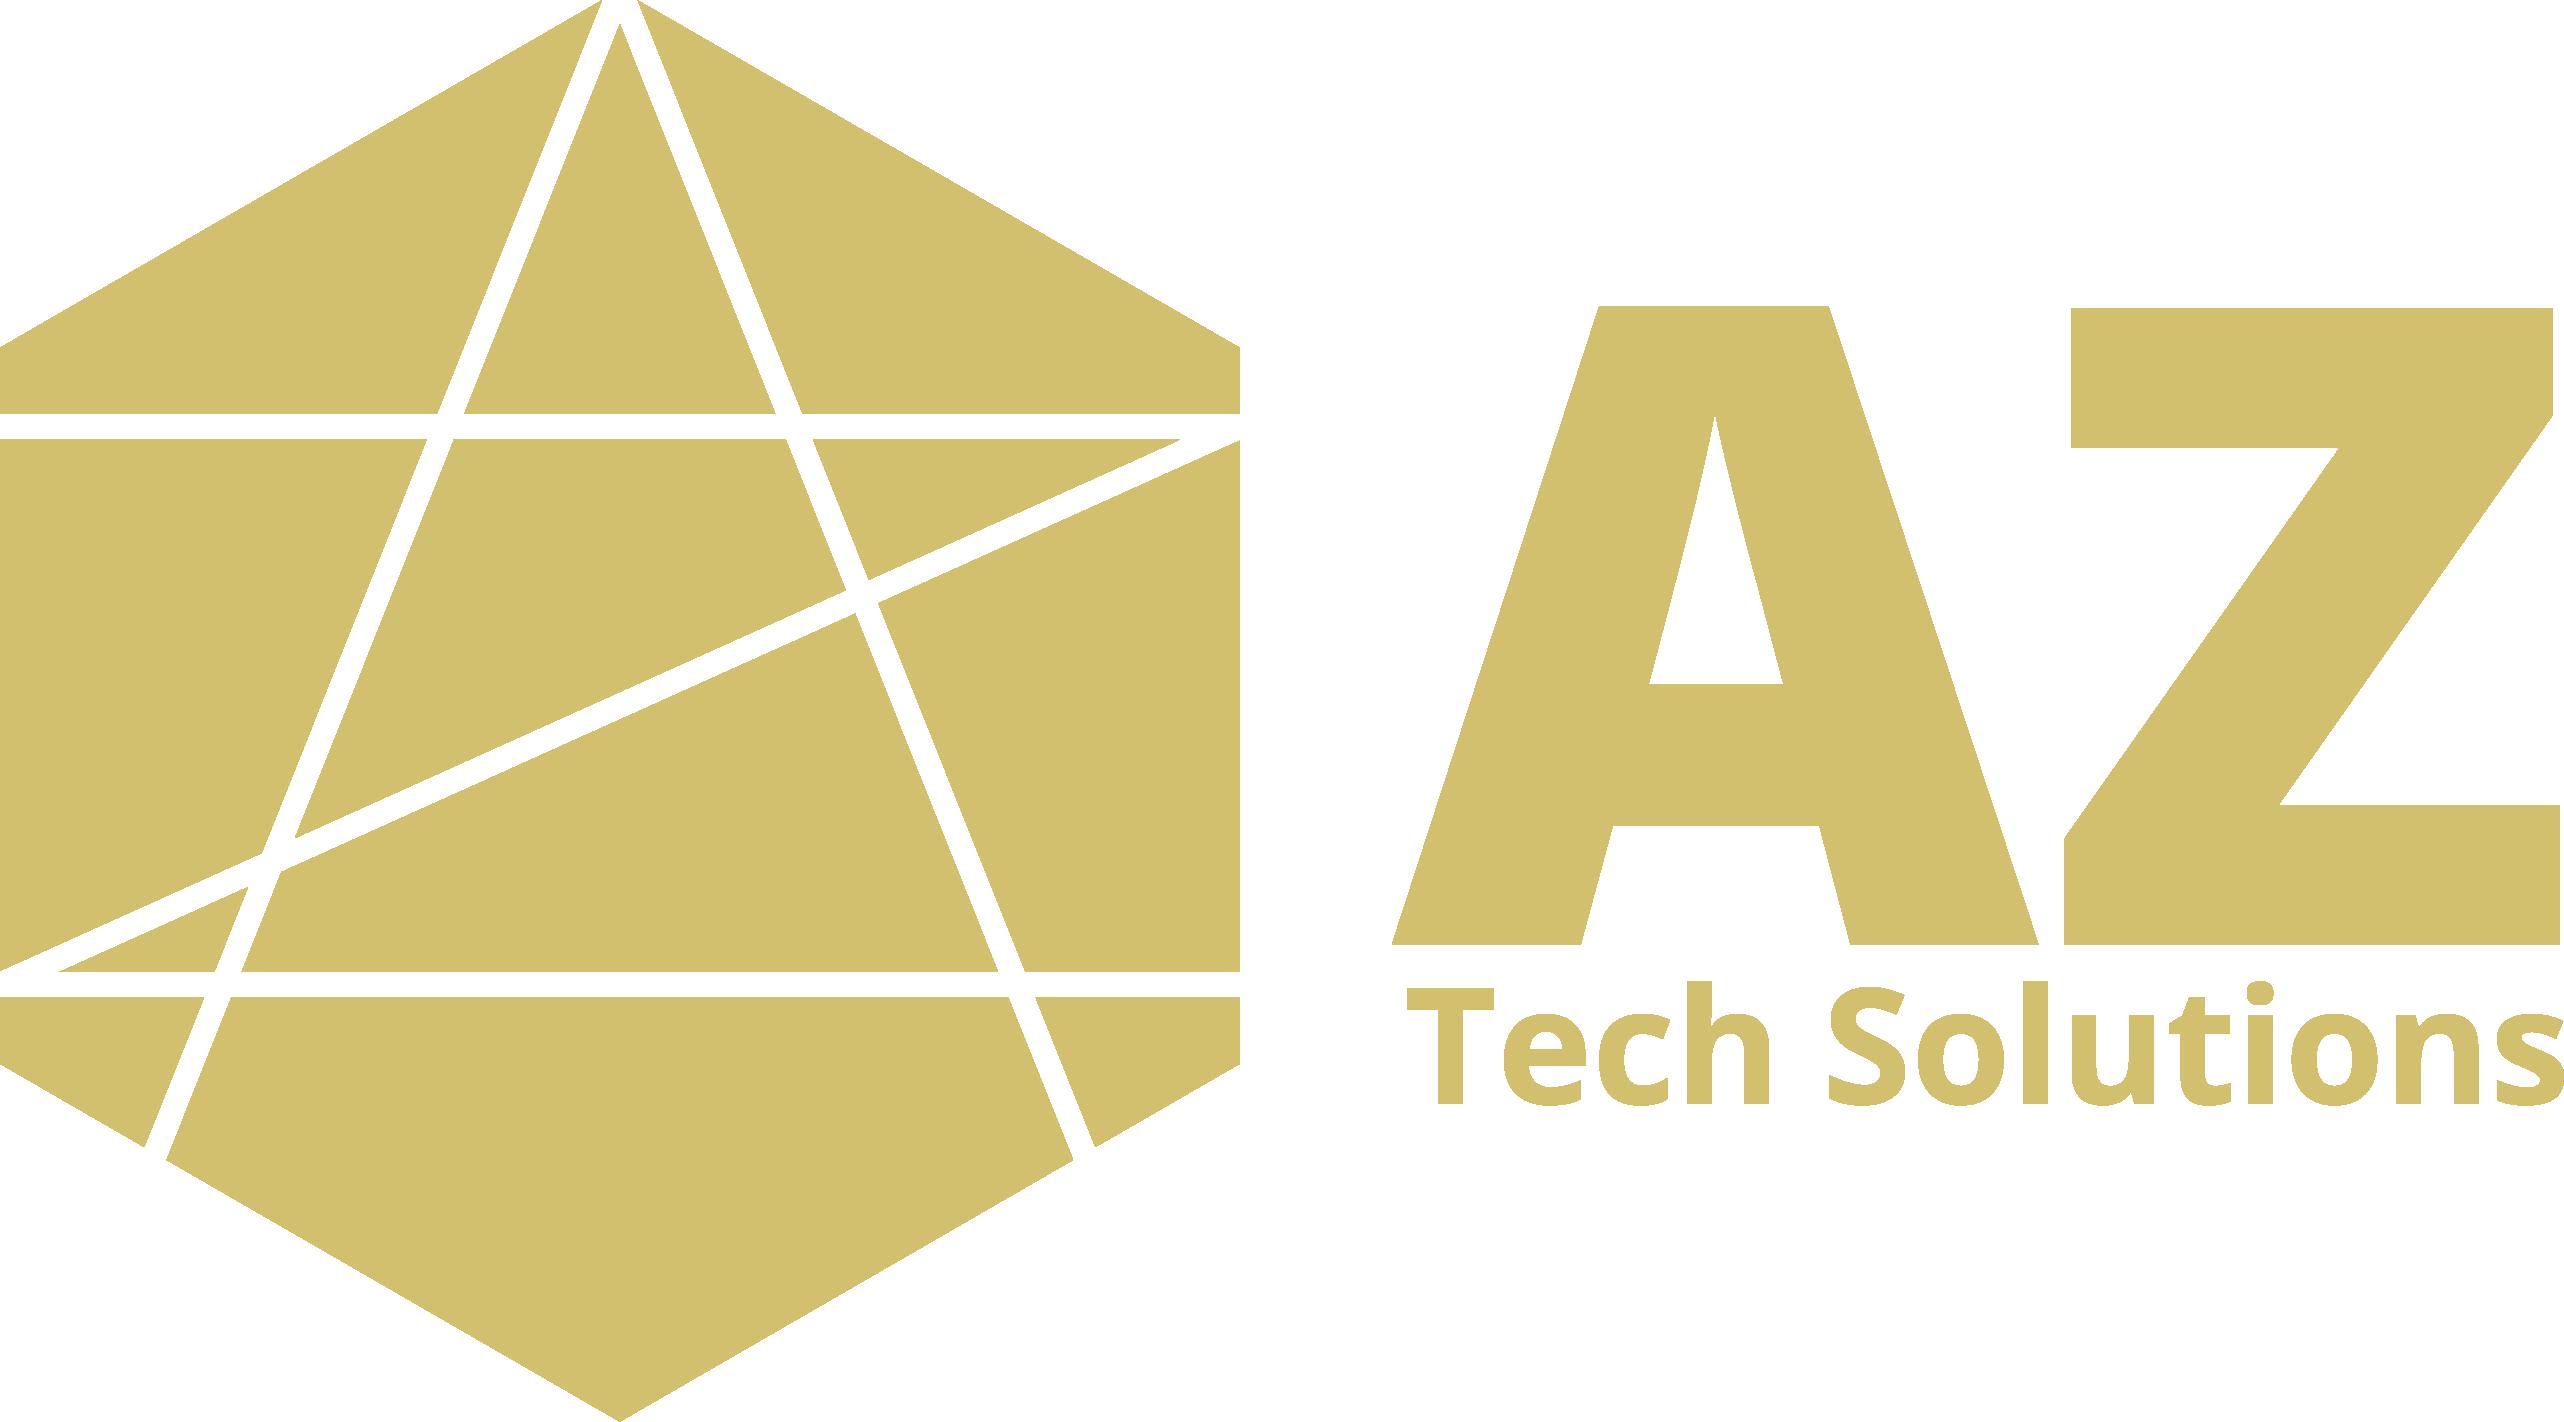 AZ Tech Solutions